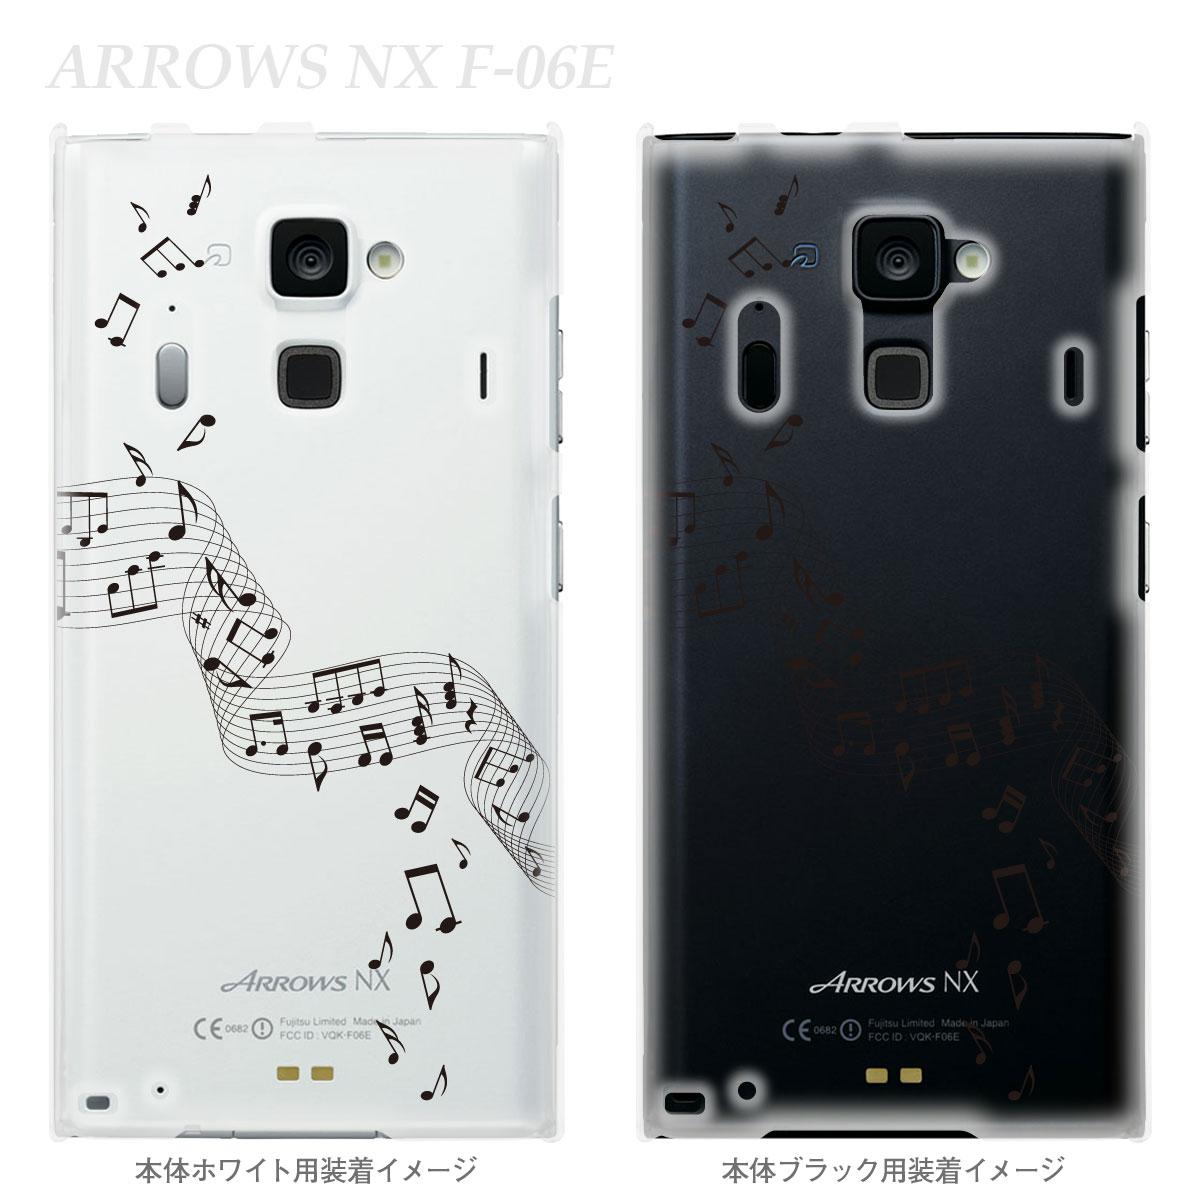 スマートフォン・携帯電話用アクセサリー, ケース・カバー ARROWS NX F-06E 09-f06e-mu0001